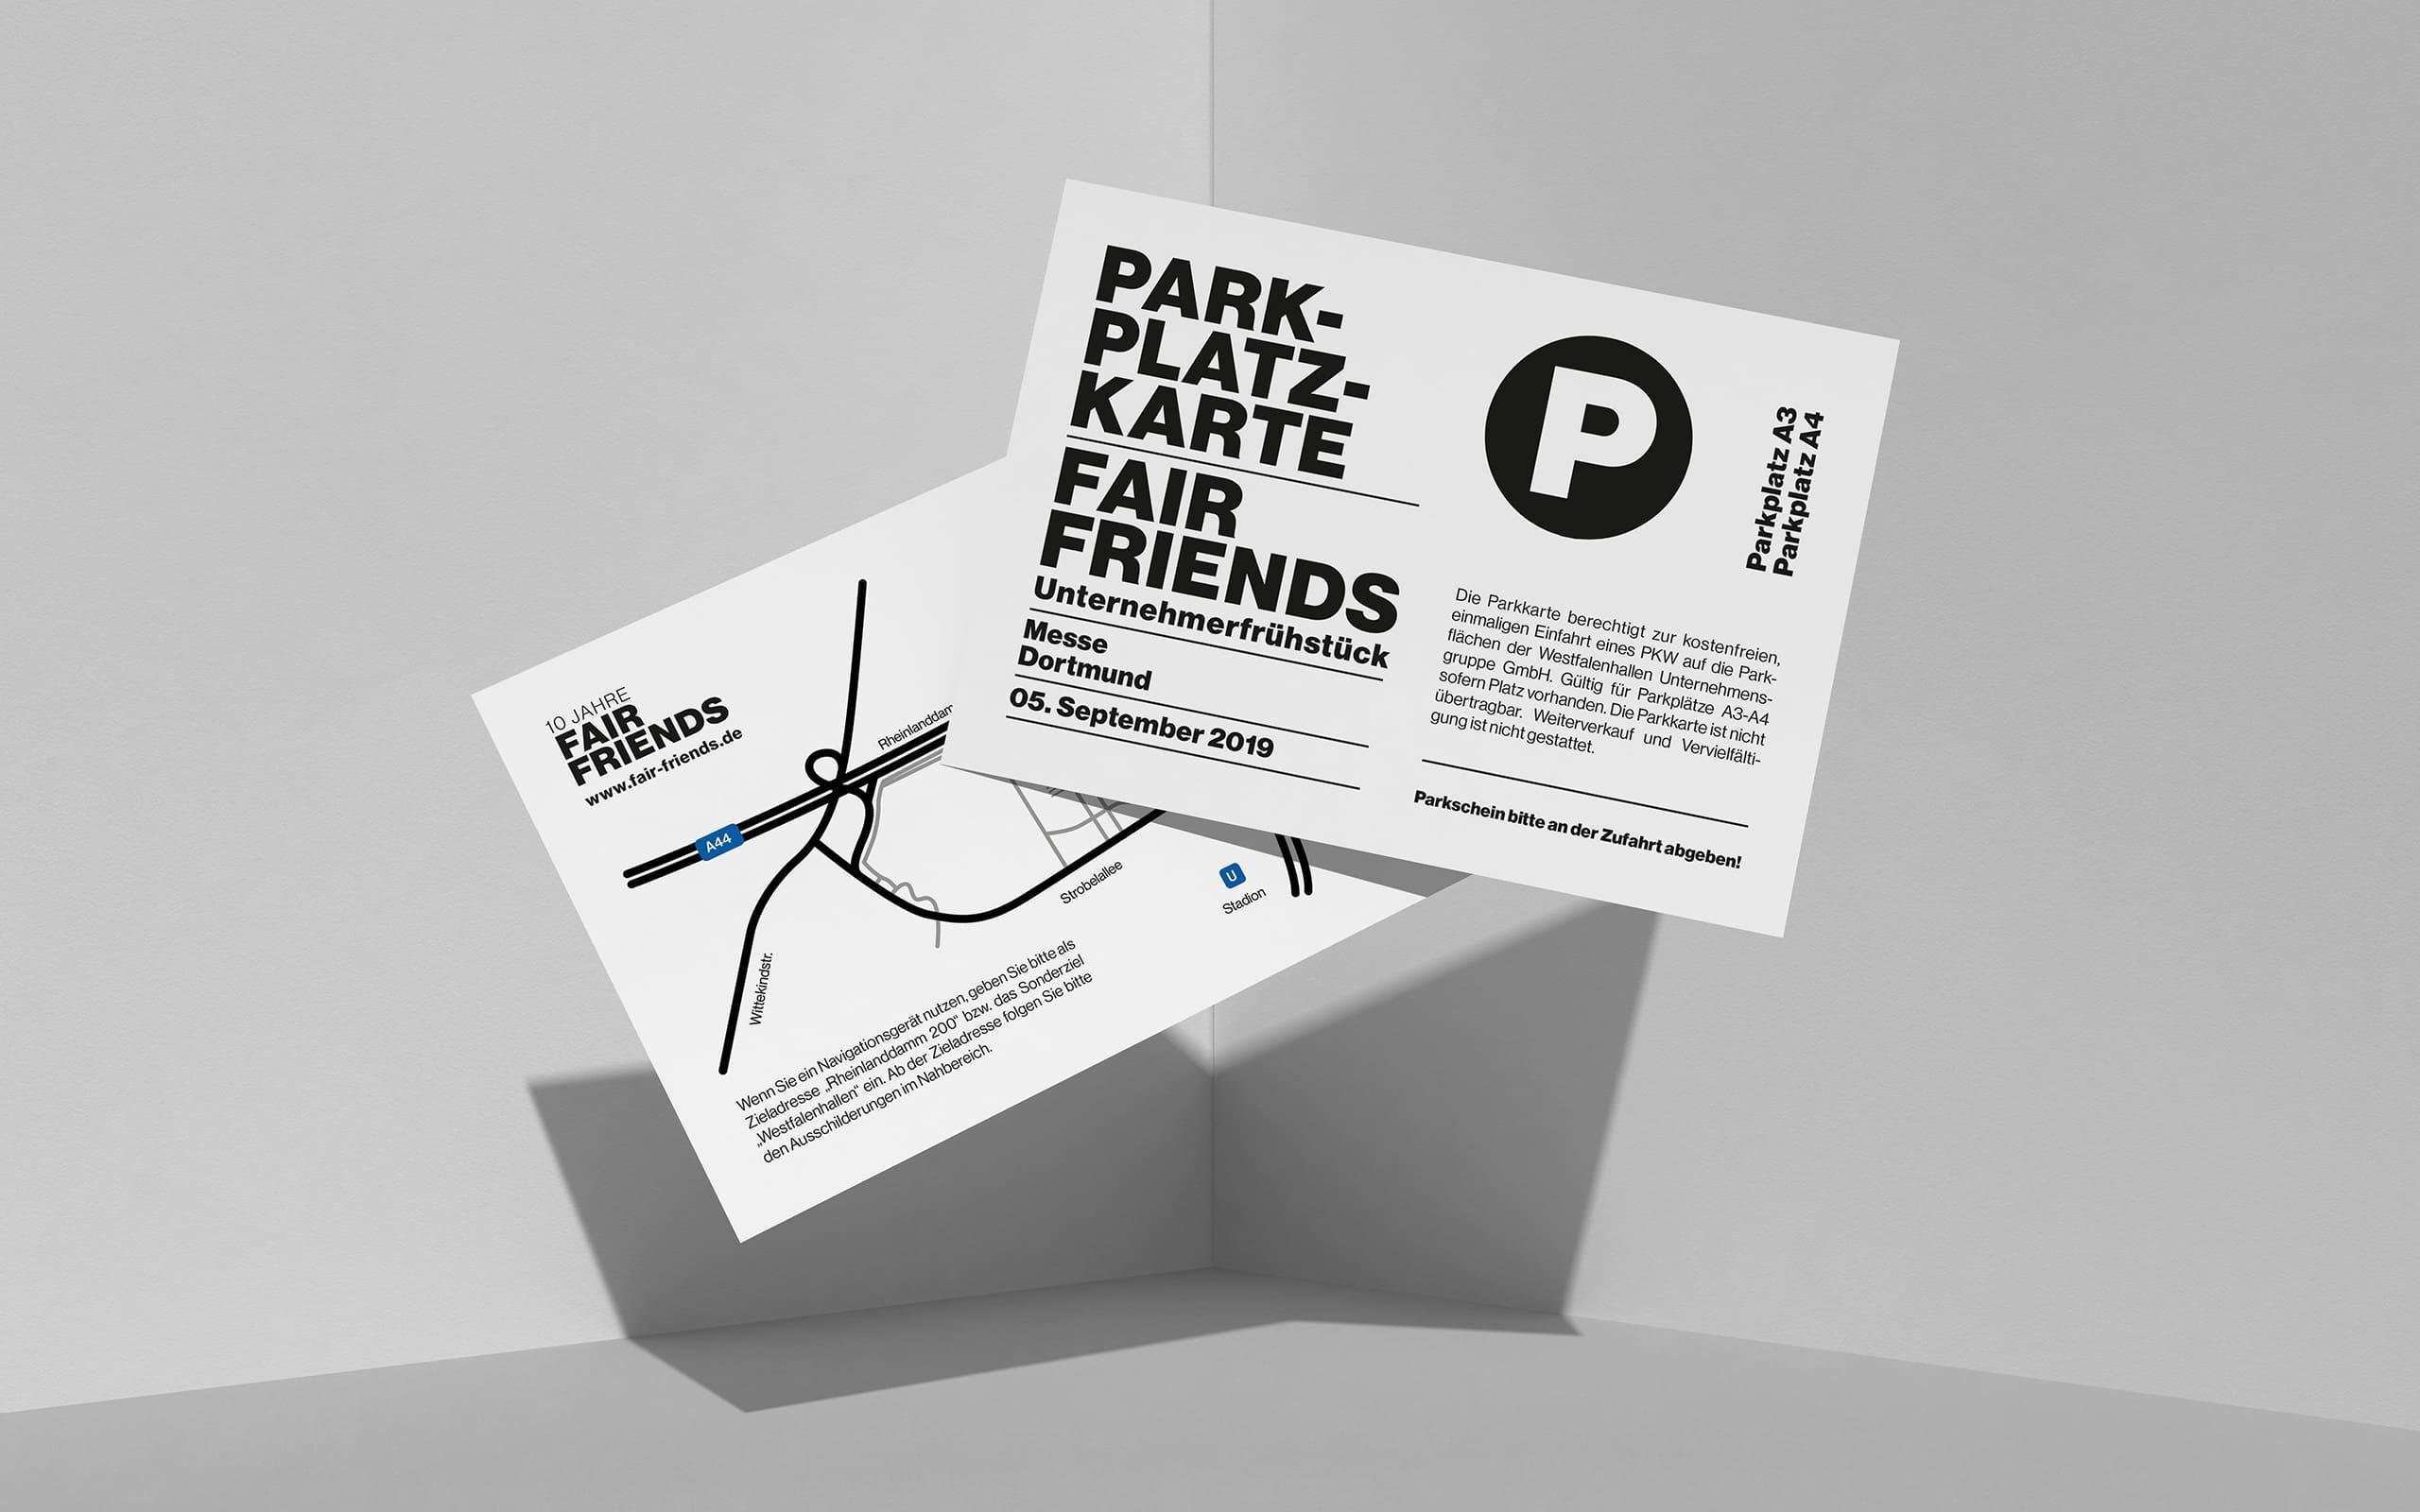 Fair-Friends8